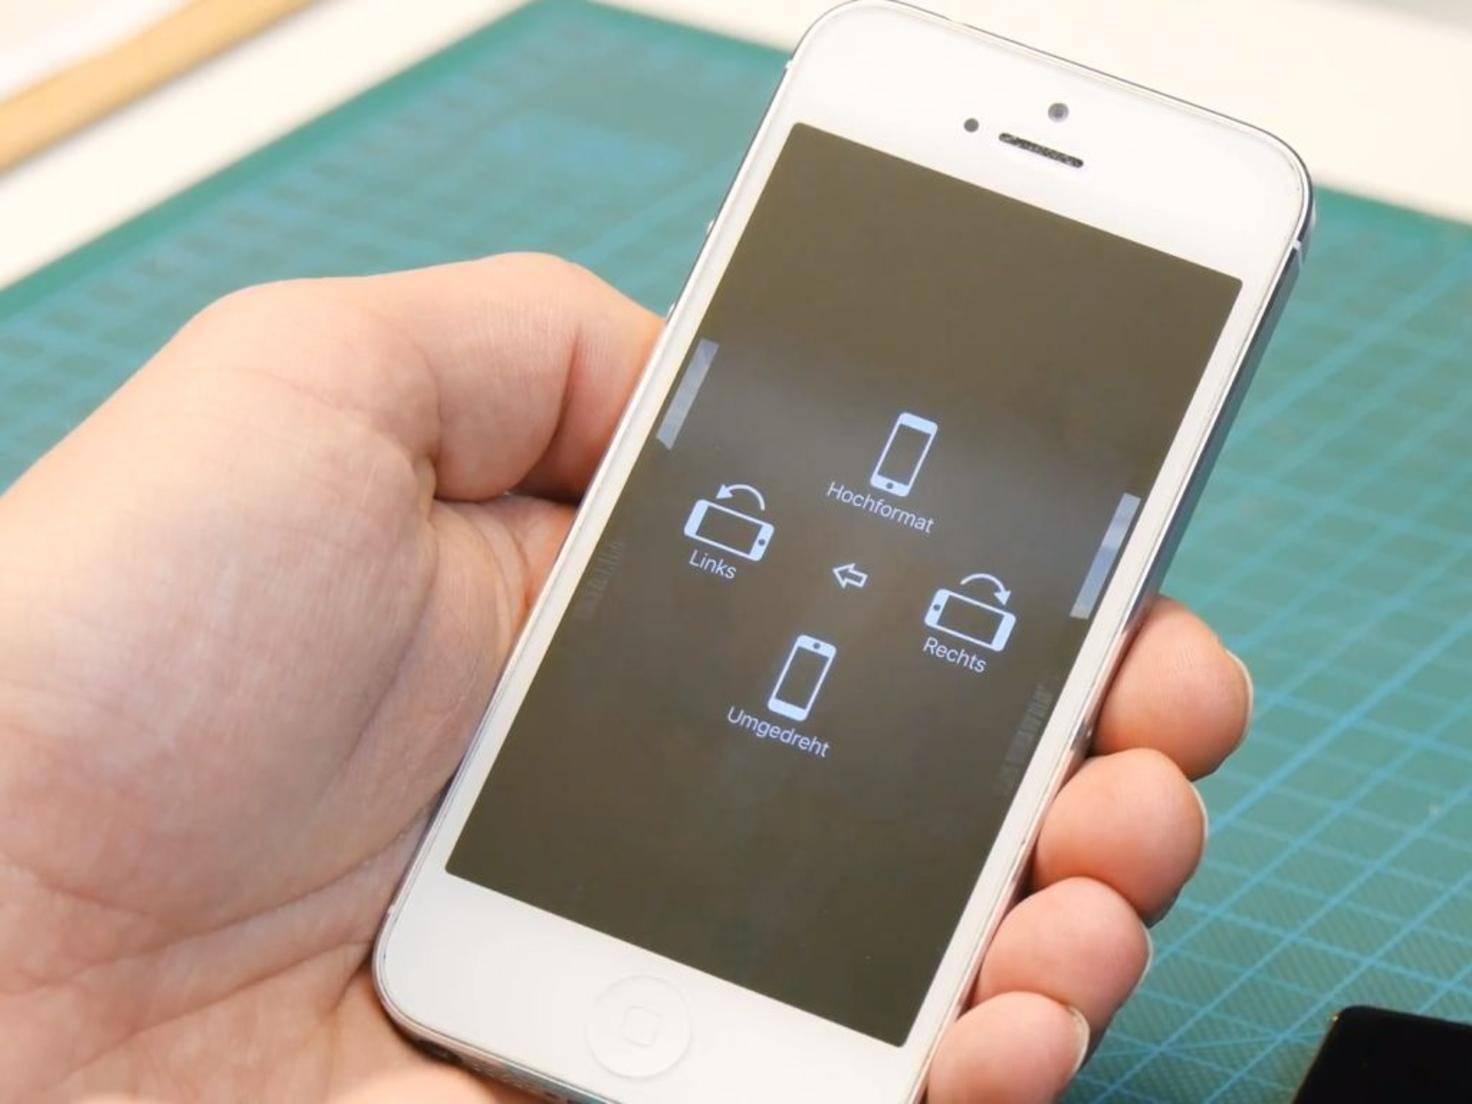 Bekannt Beamer selber bauen: So wird aus dem Smartphone ein Projektor LS03